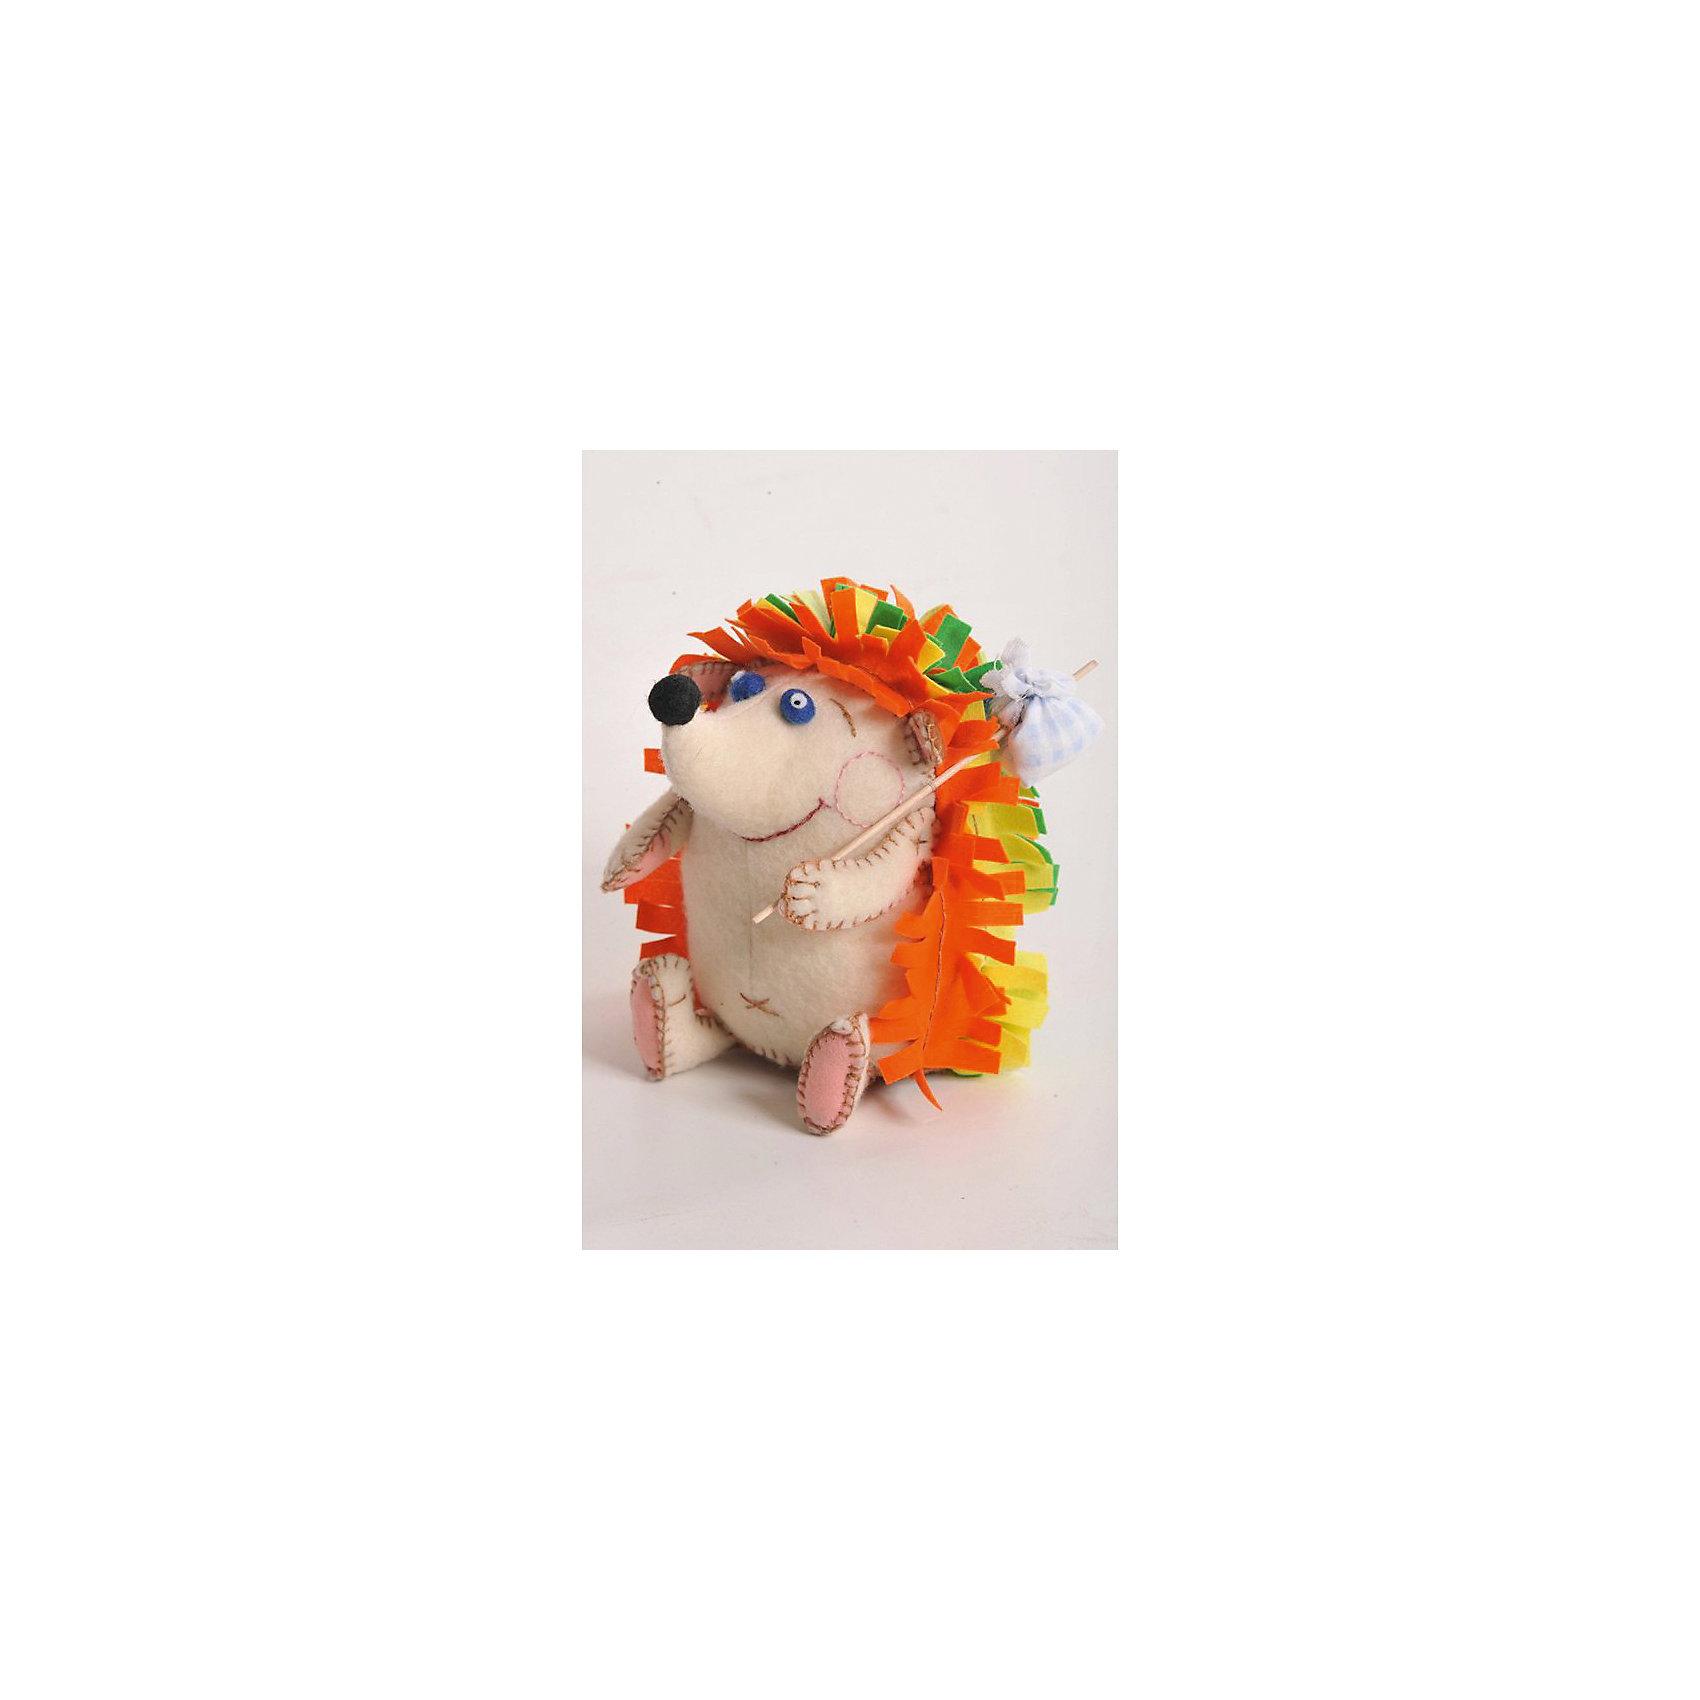 Набор для изготовления  игрушки Счастливый Ёжик, ПерловкаРукоделие<br>Набор для изготовления игрушки Счастливый Ёжик, Перловка<br><br>Характеристики: <br><br>• Размер игрушки: 13,5 см<br>• Материал: Хлопок, Фетр, Металл, Атлас<br>• В комплекте: Ткань, нитки, пуговицы, проволока, кнопка, листы с выкройками, инструкция<br>• Вес: 100г<br><br>Этот набор для творчества позволит вашему ребенку создать очаровательную игрушку. Ткани в комплекте выполнены в мягких пастельных тонах и состоят из натурального материала. В составе имеется подробная инструкция и все необходимое для декорирования фигурки. Игрушка получается проработанная и аккуратная.<br><br>Набор для изготовления игрушки Счастливый Ёжик, Перловка можно купить в нашем интернет-магазине.<br><br>Ширина мм: 150<br>Глубина мм: 15<br>Высота мм: 280<br>Вес г: 80<br>Возраст от месяцев: 60<br>Возраст до месяцев: 2147483647<br>Пол: Женский<br>Возраст: Детский<br>SKU: 5445439